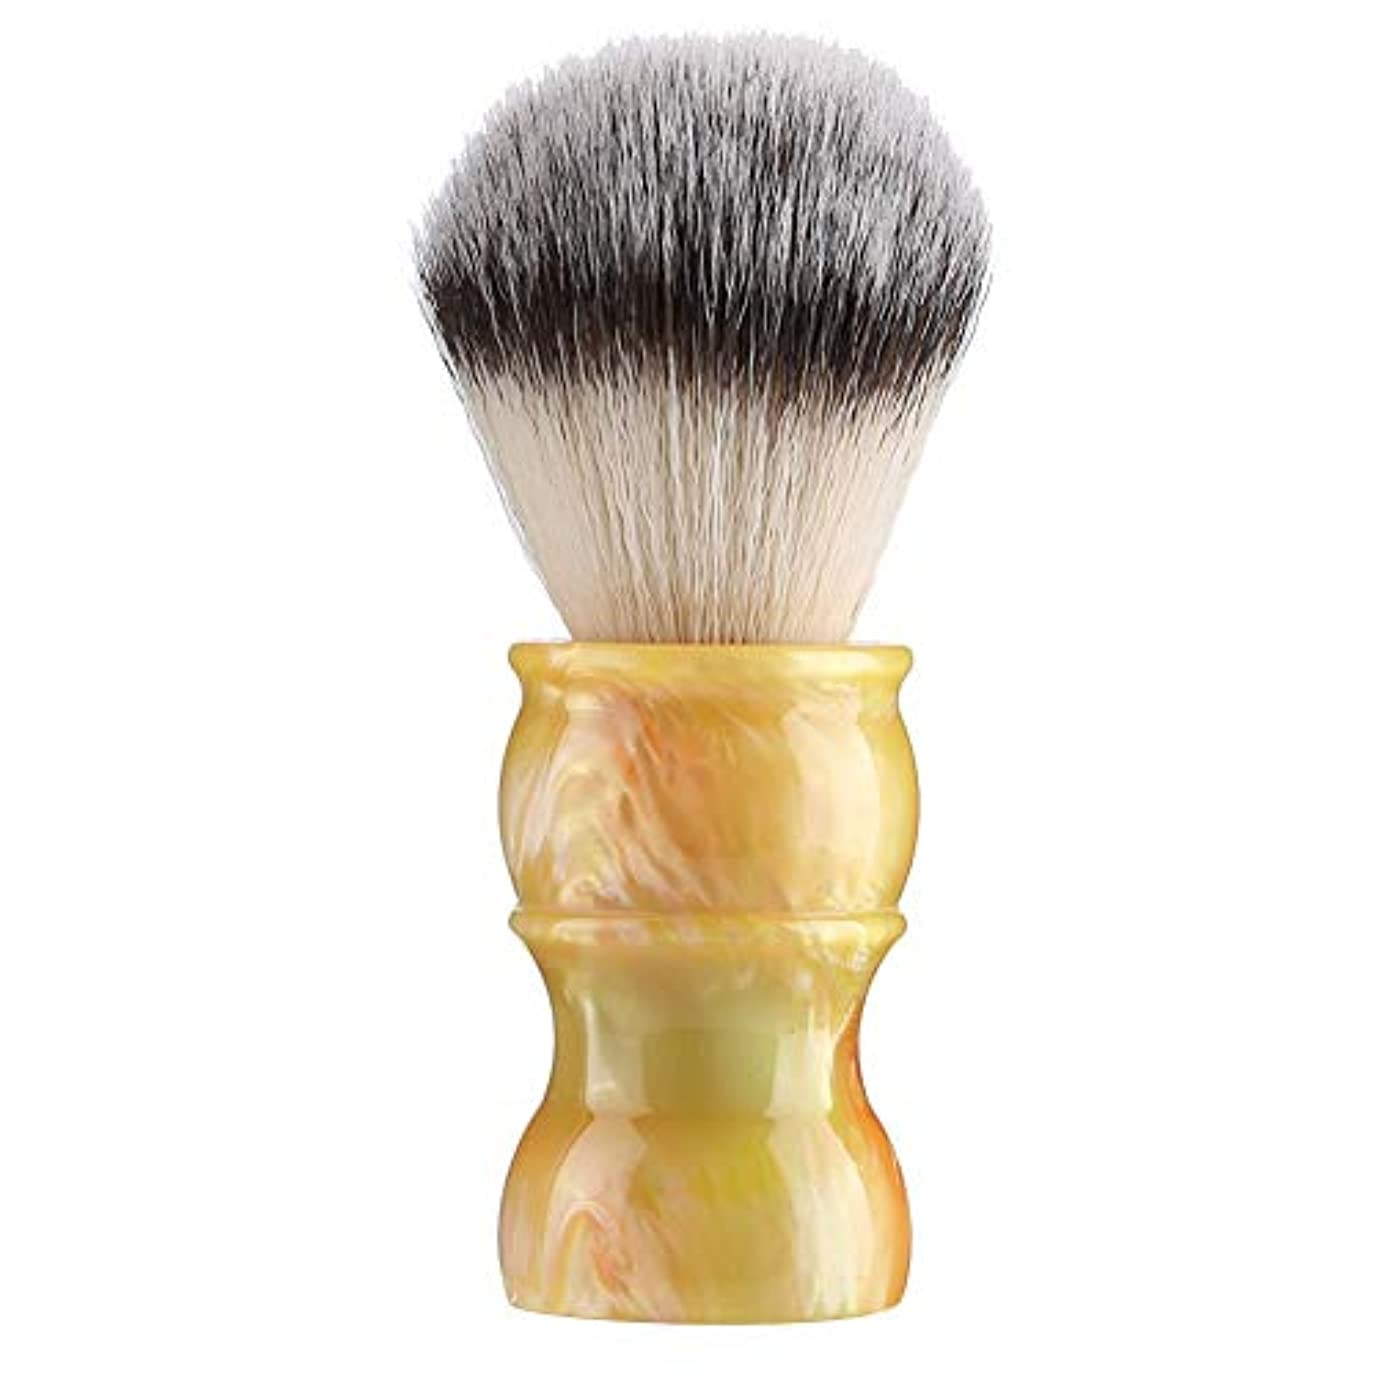 専門の手動ひげの剃るブラシ、密集したナイロン毛のきれいな人の口ひげのブラシ家および旅行のための携帯用メンズひげのブラシ(#3)